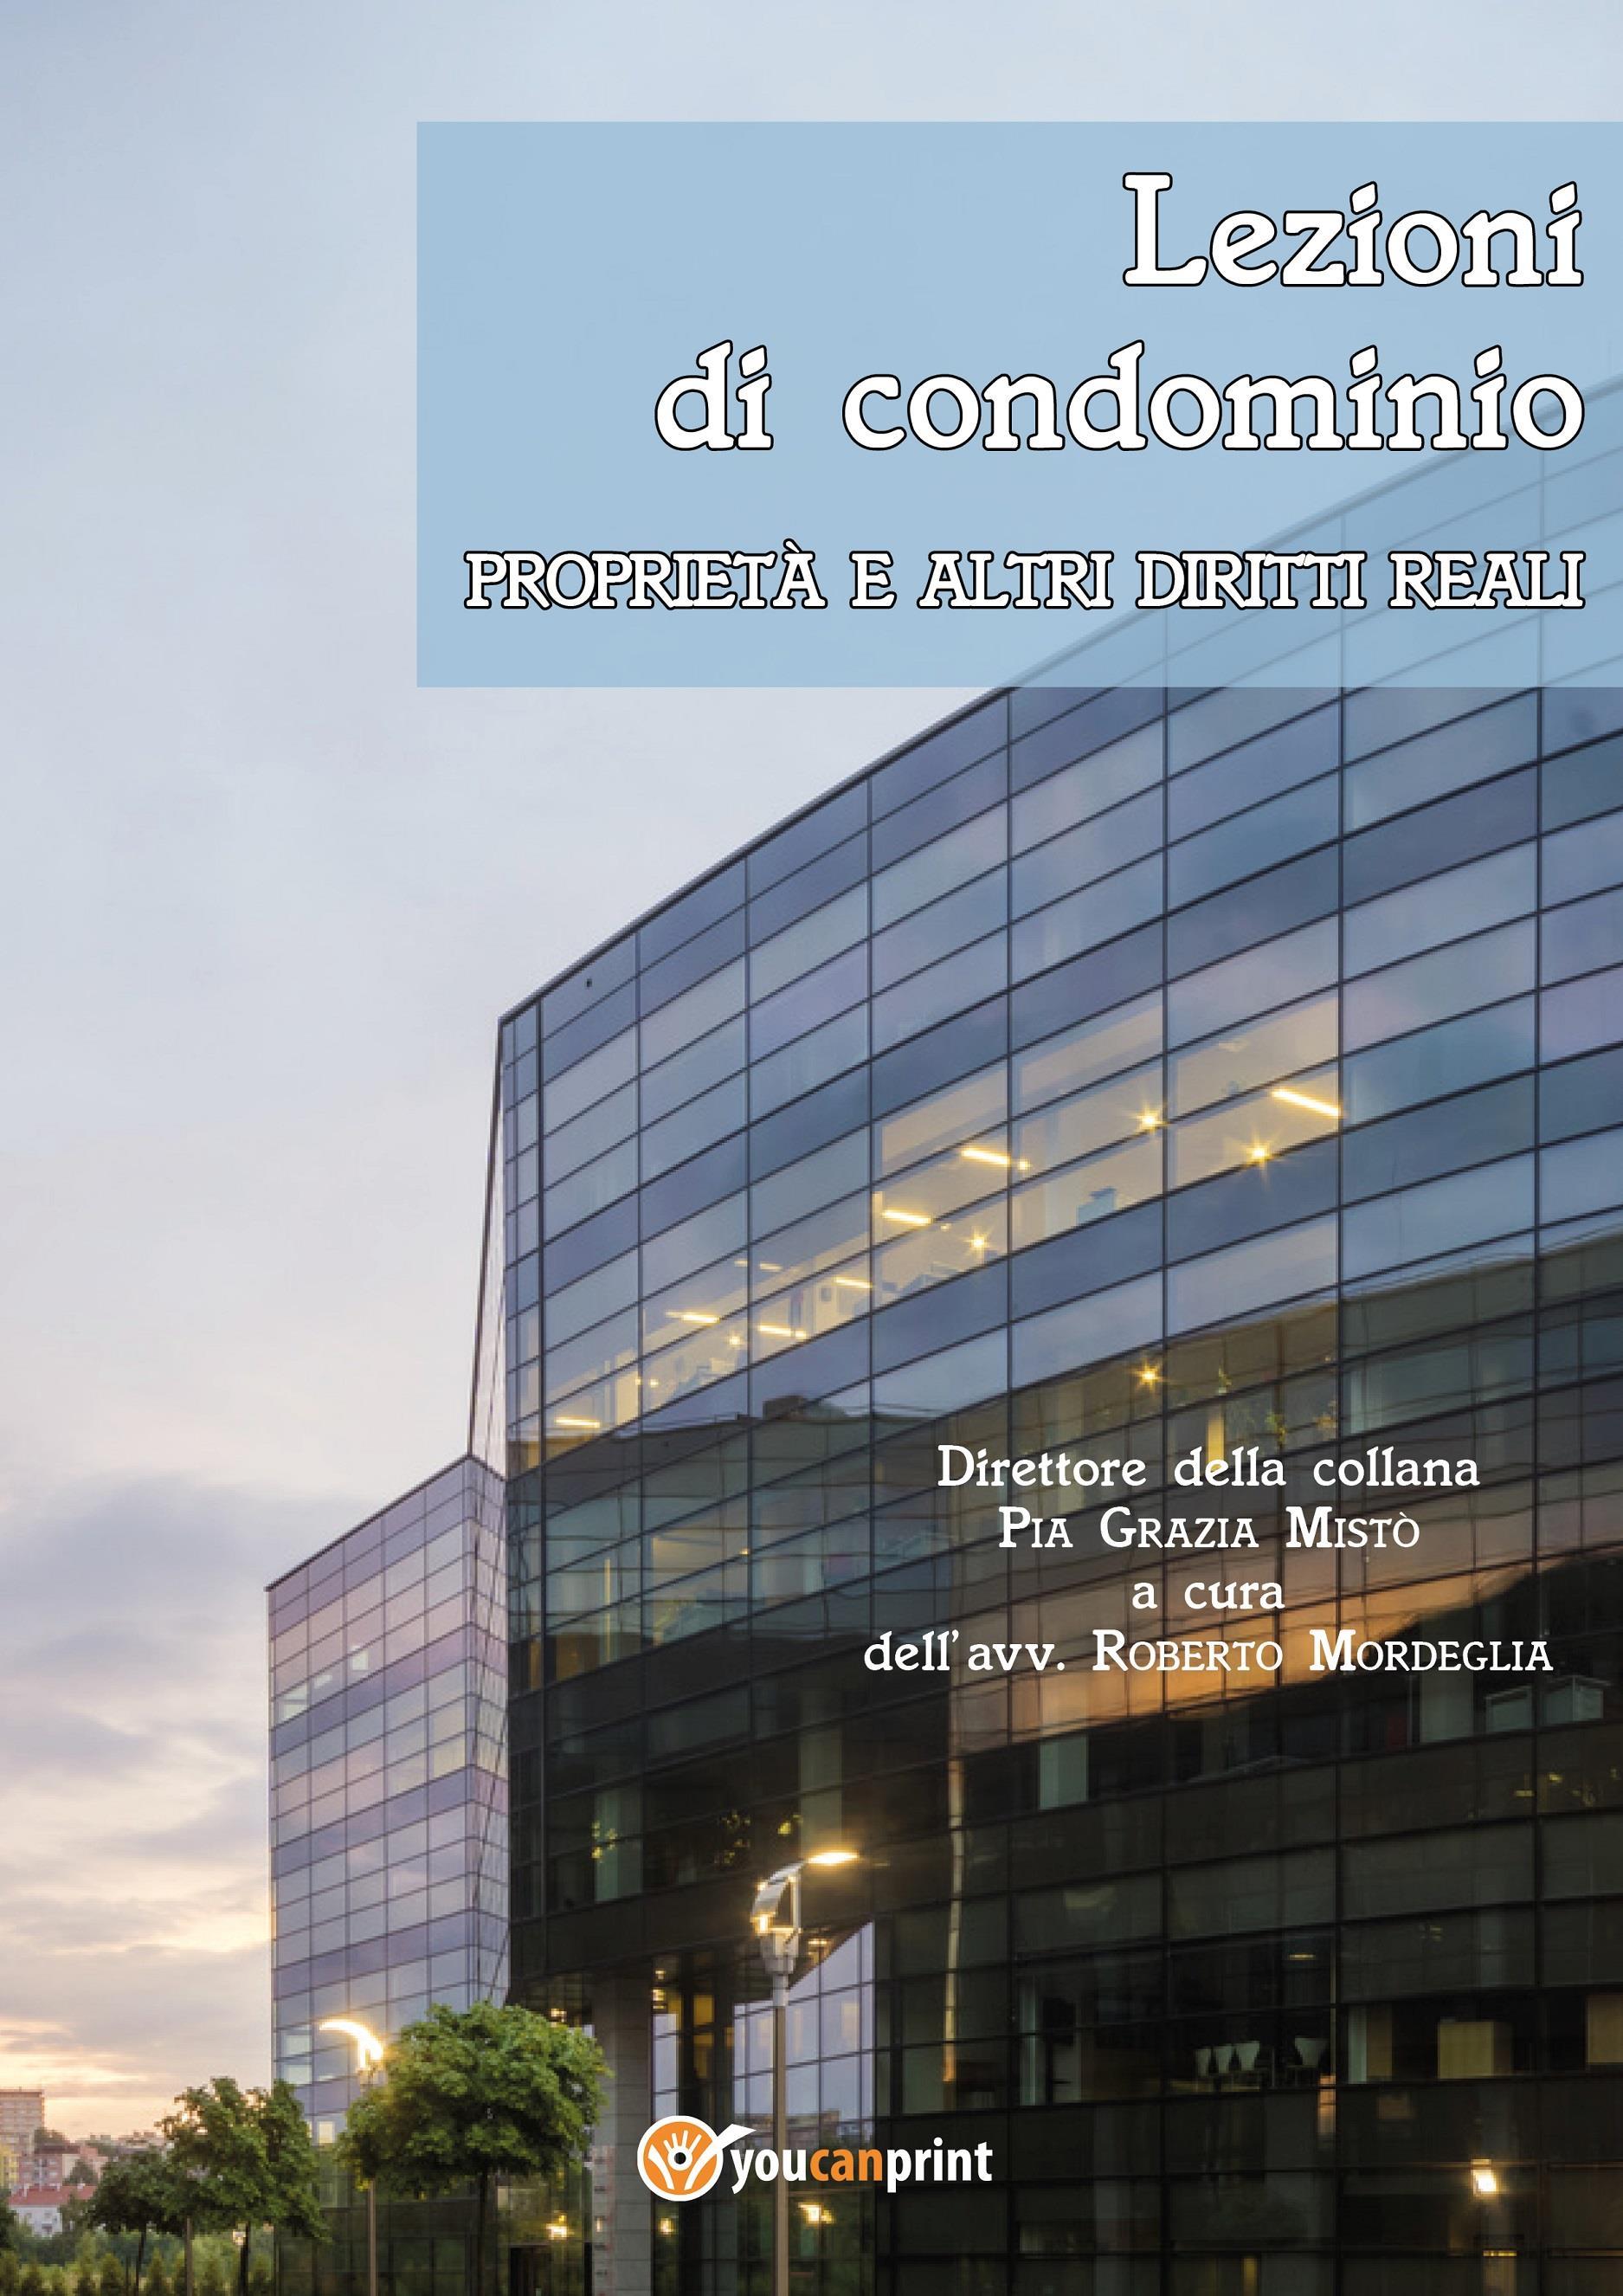 Lezioni di condominio. Proprietà e altri diritti reali